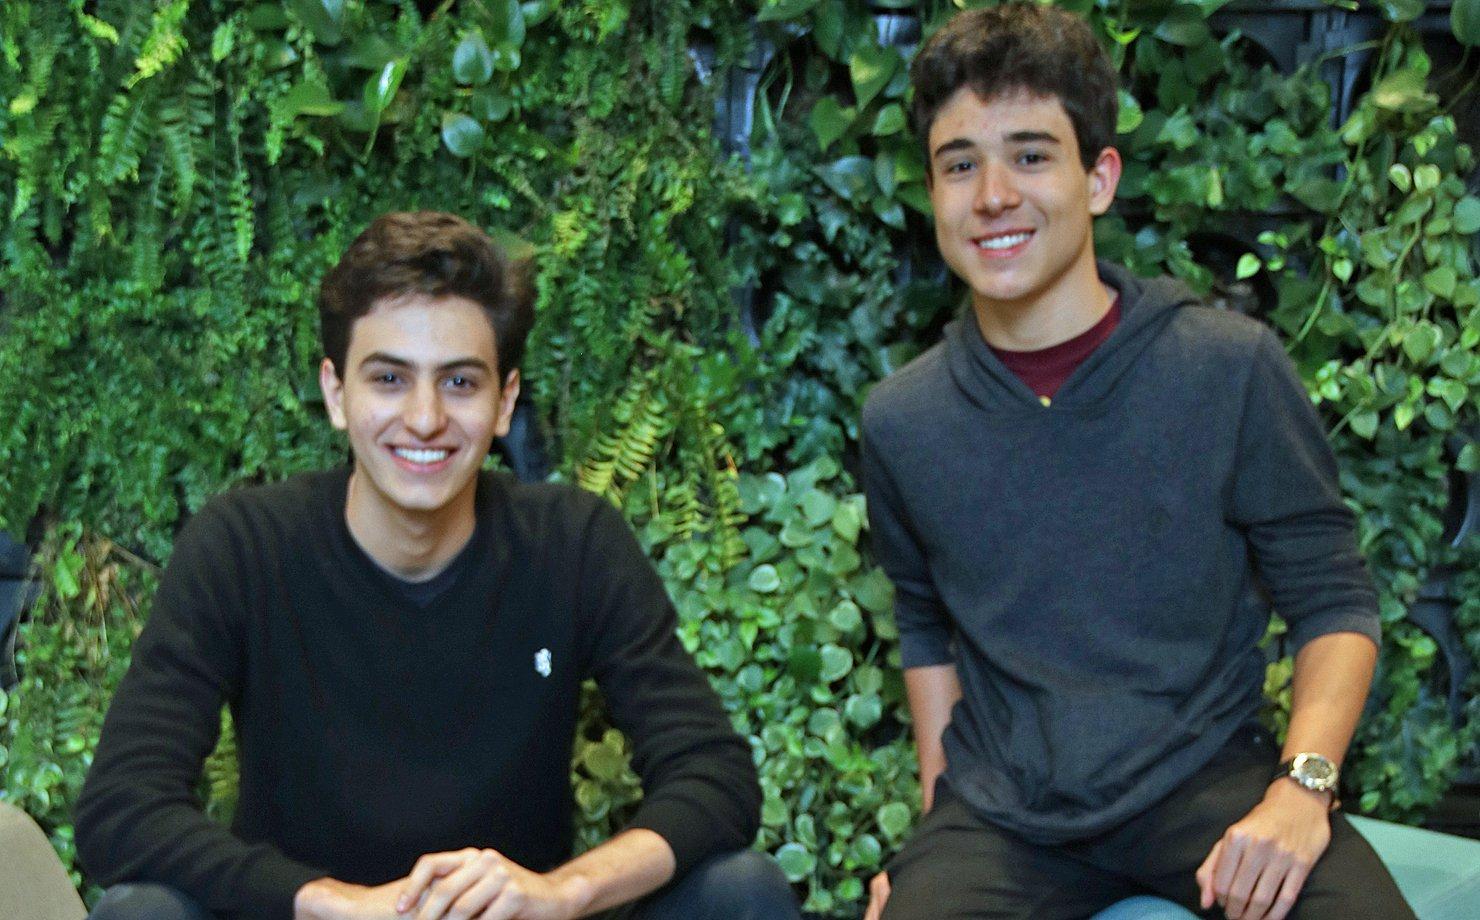 Rafael Válio, 17 anos, e Lucas Braz. 16 anos, coordenadores do Bandinvest, clube de investimentos do Colégio Bandeirantes